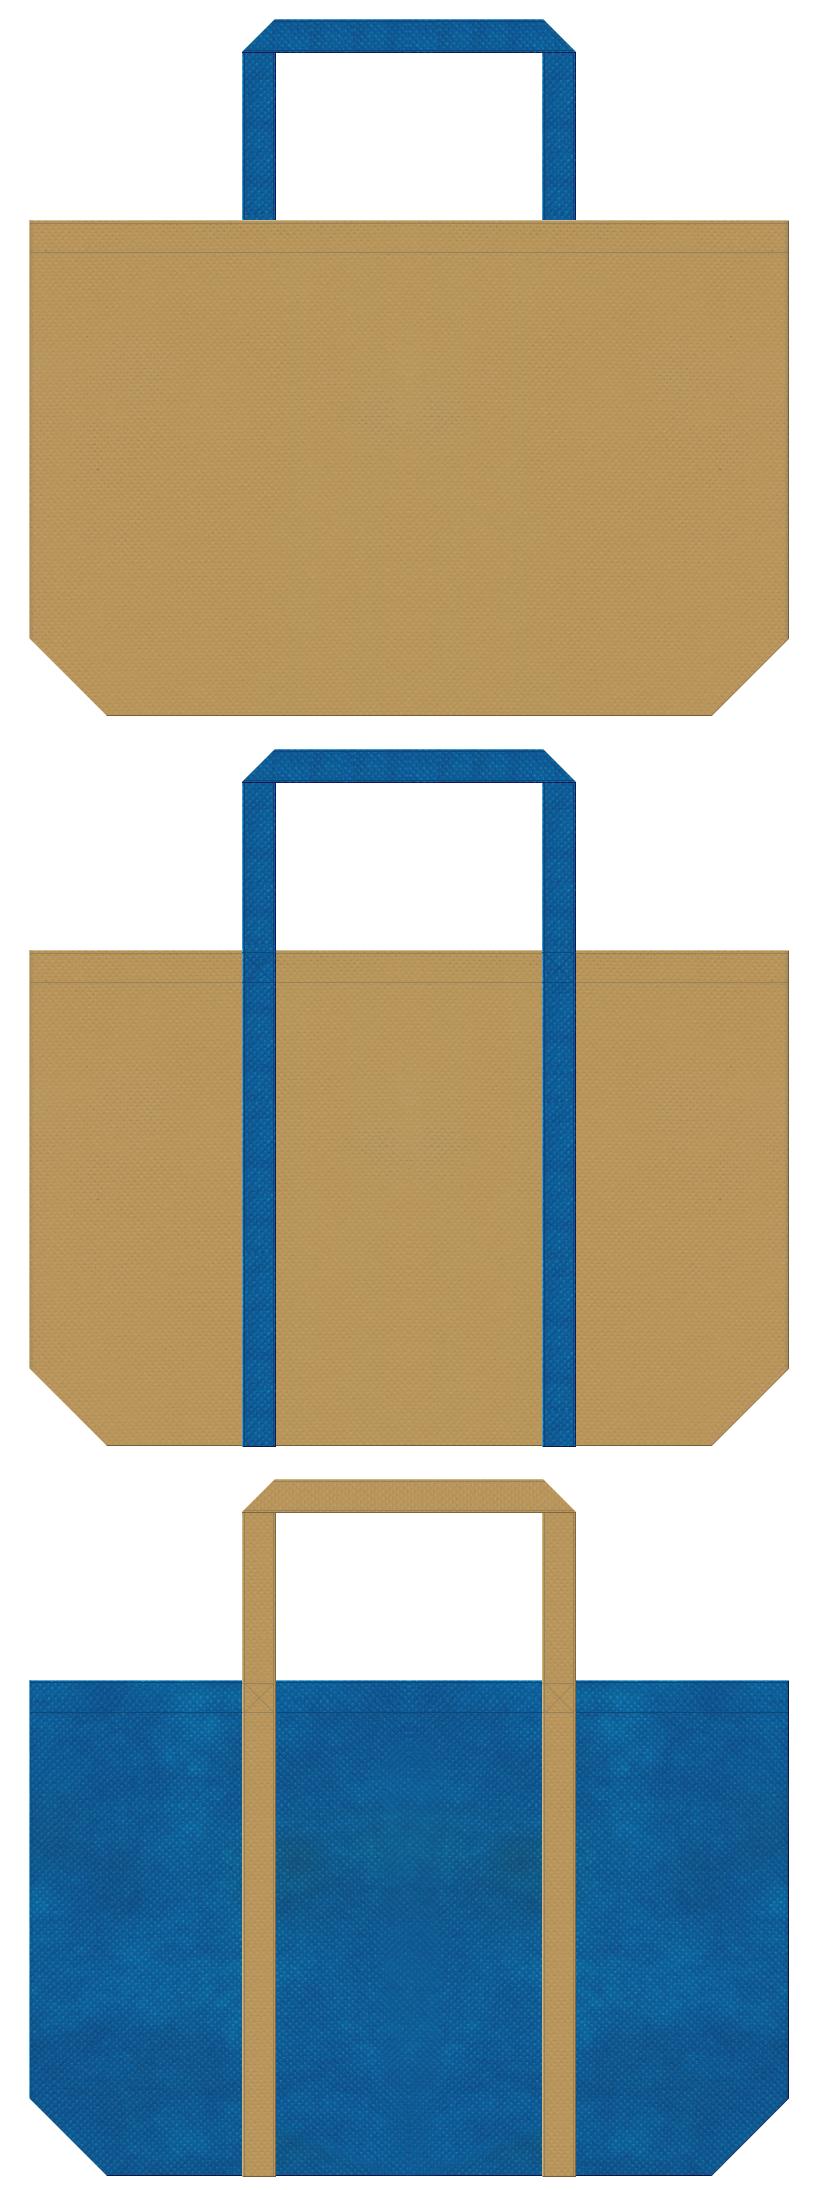 金黄土色と青色の不織布ショッピングバッグデザイン。